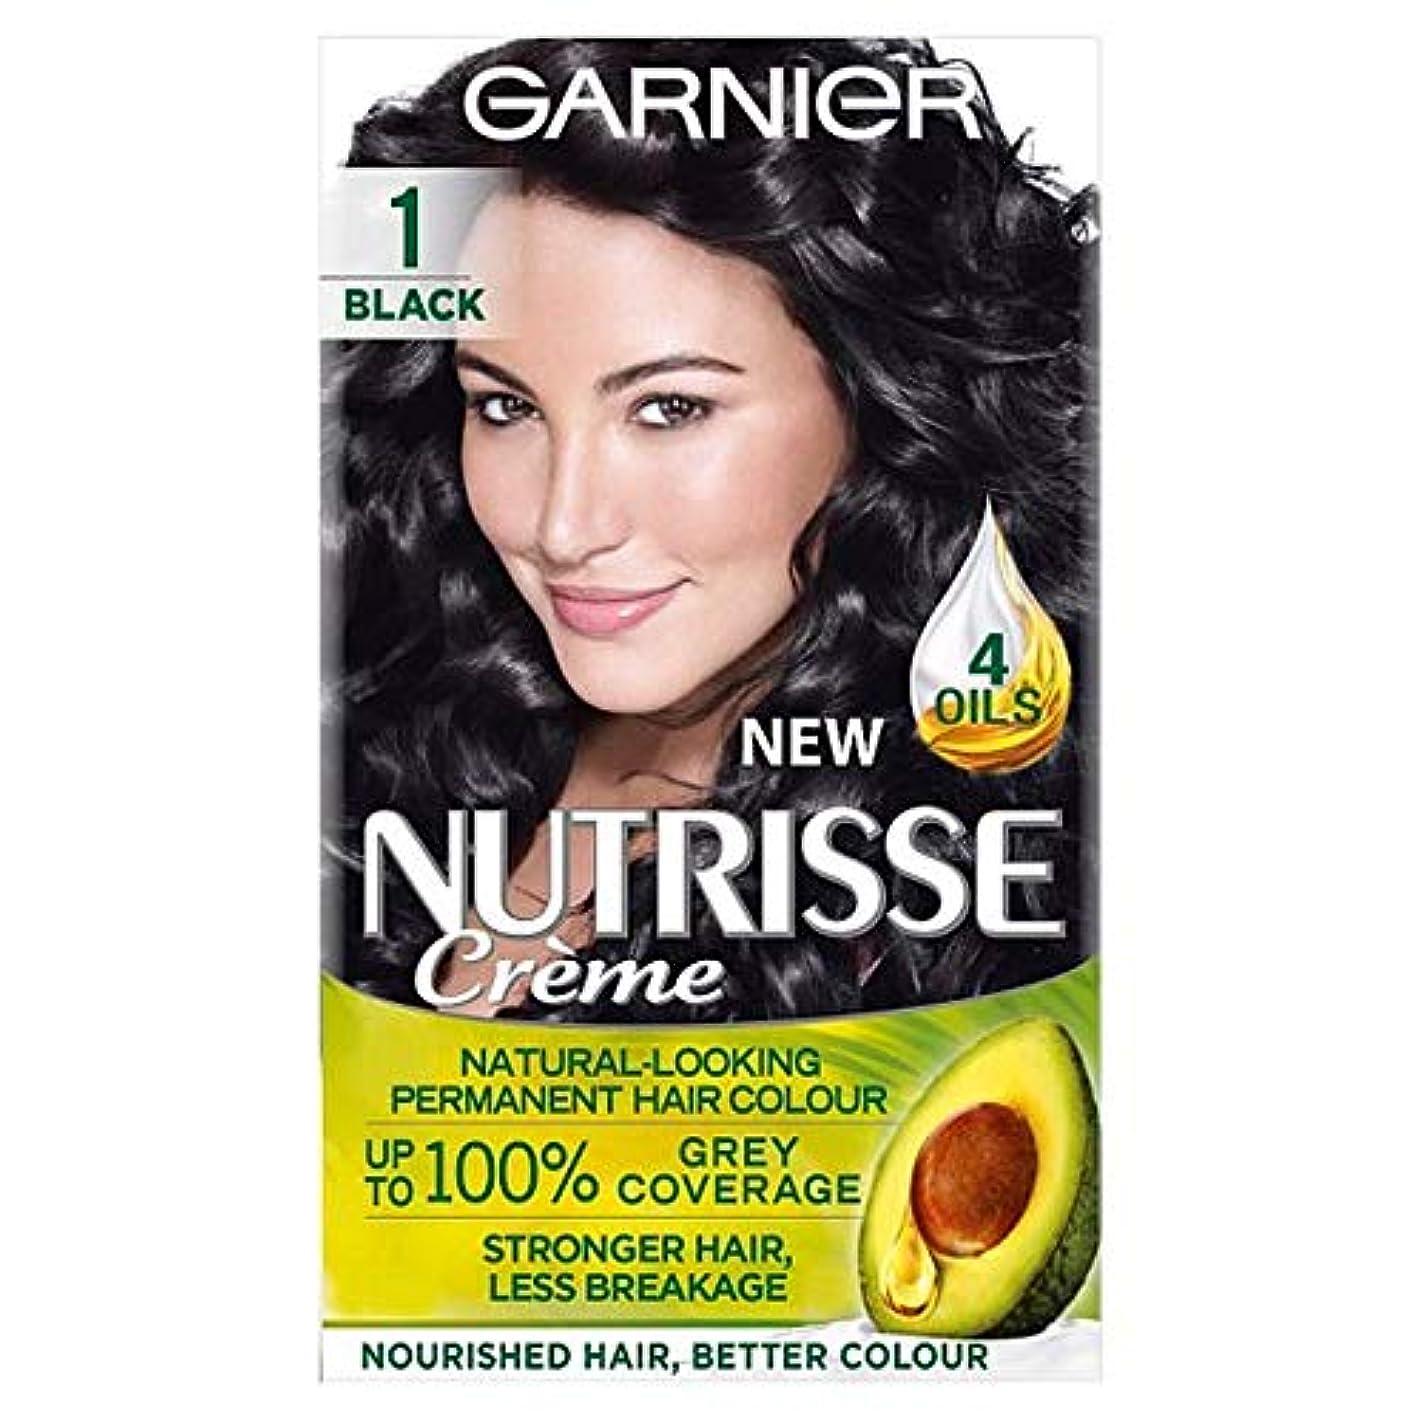 弾力性のある葉を拾う廃止[Nutrisse] ガルニエNutrisse 1黒のパーマネントヘアダイ - Garnier Nutrisse 1 Black Permanent Hair Dye [並行輸入品]